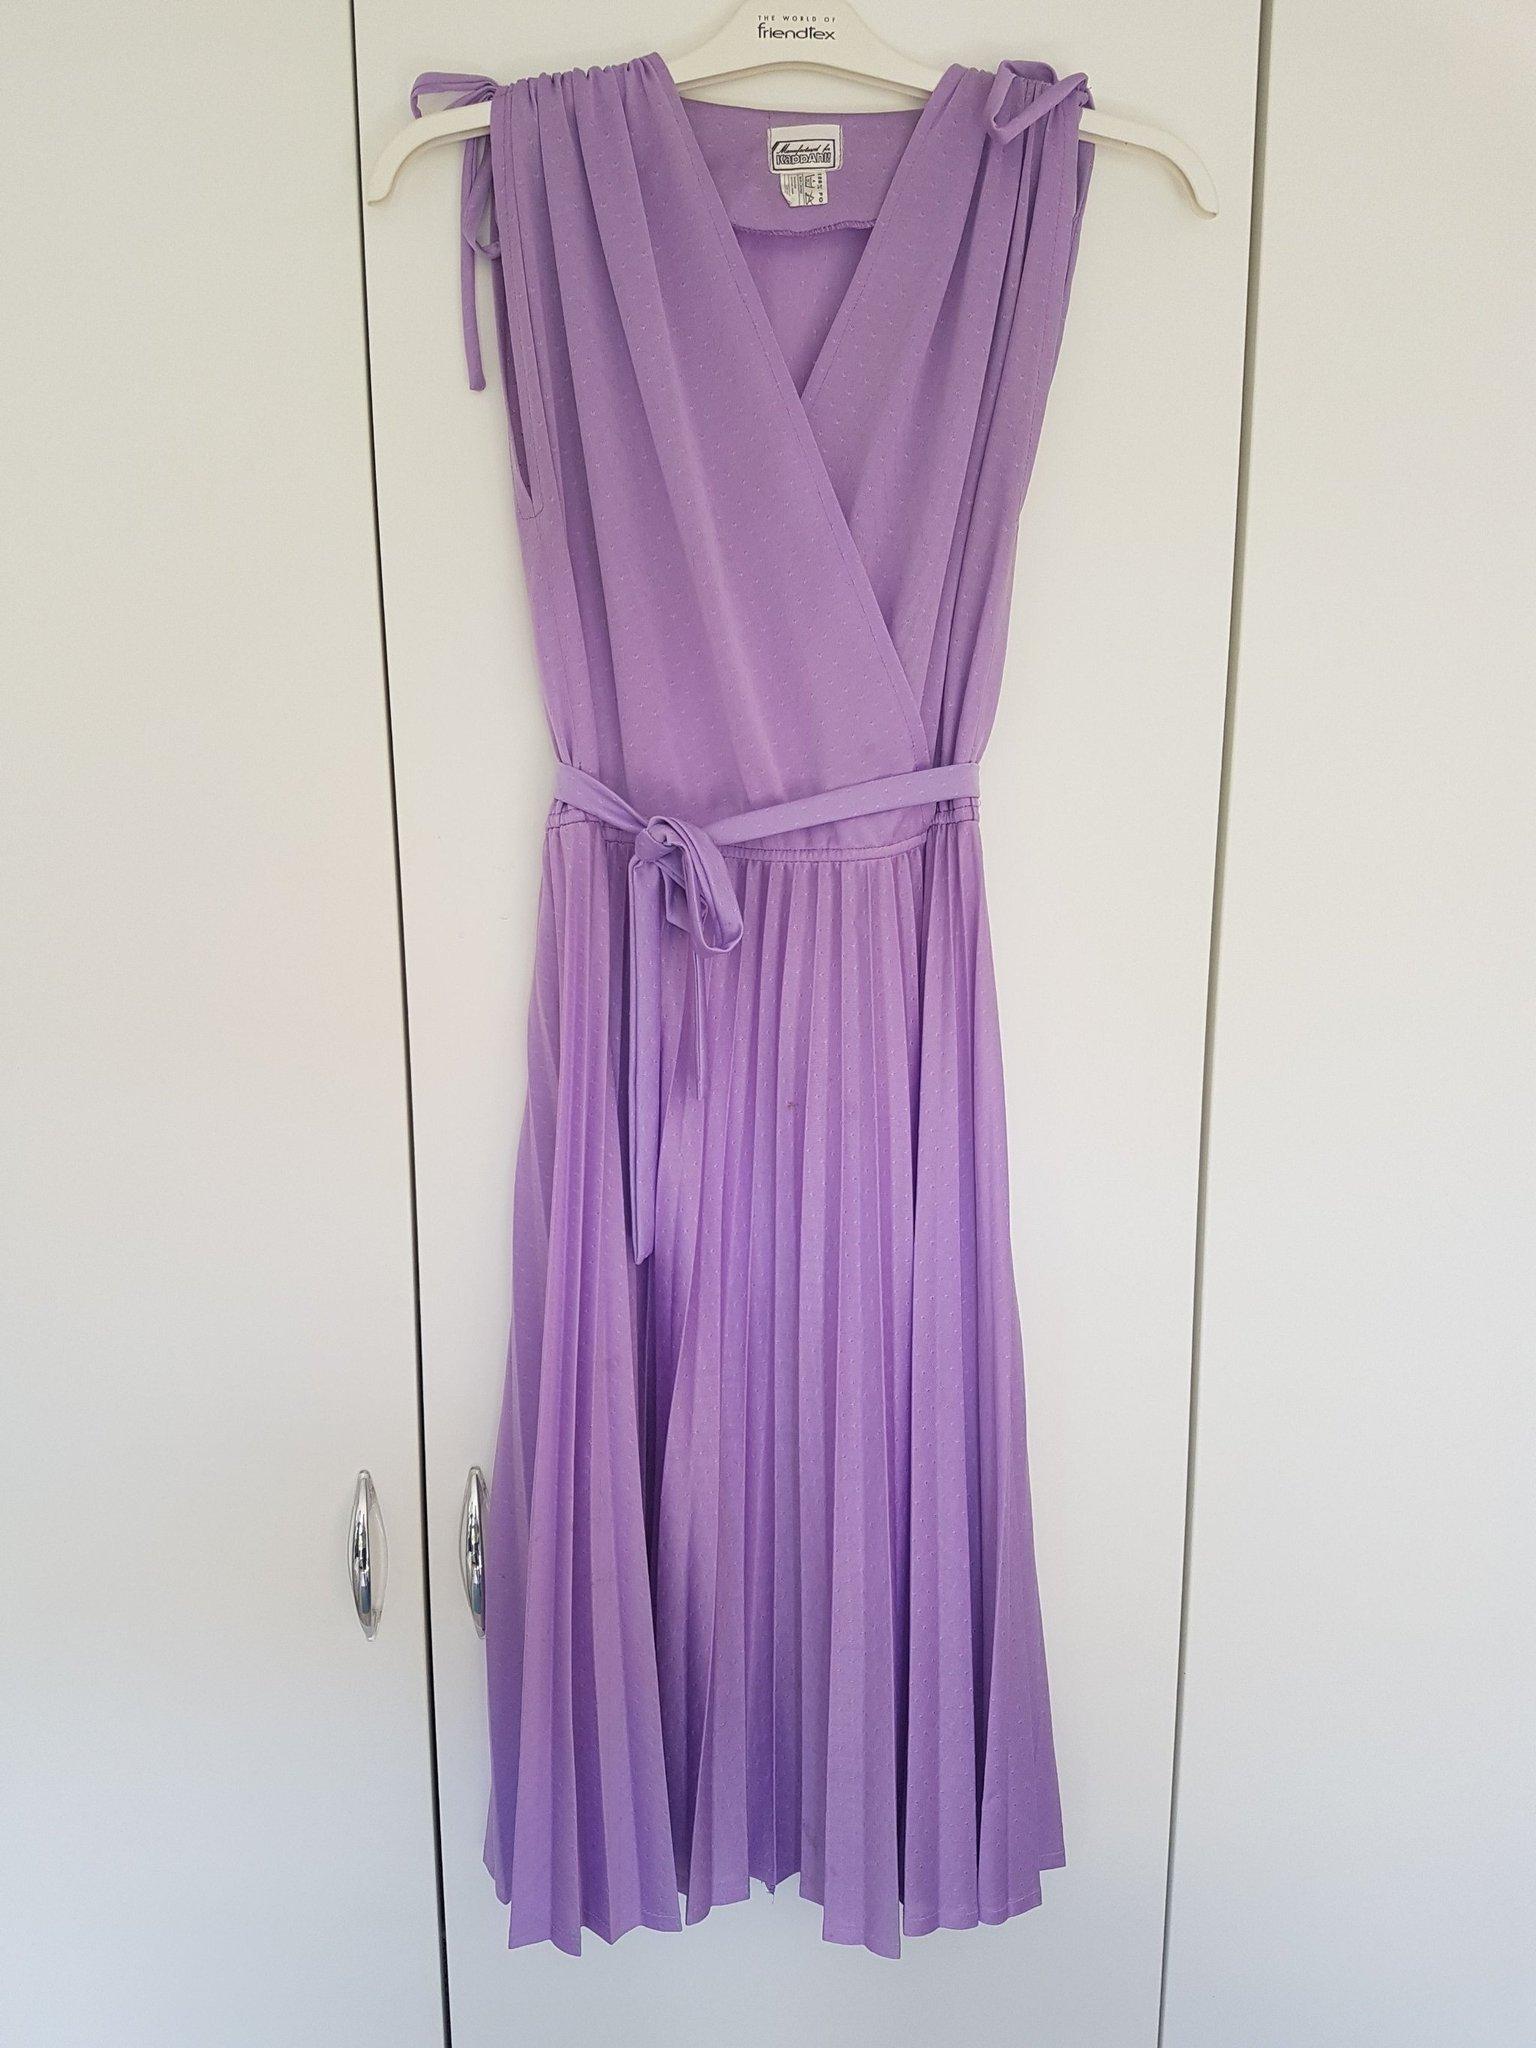 6ece2df5c614 Vintage/second hand klänning Kappahl (352671894) ᐈ Köp på Tradera